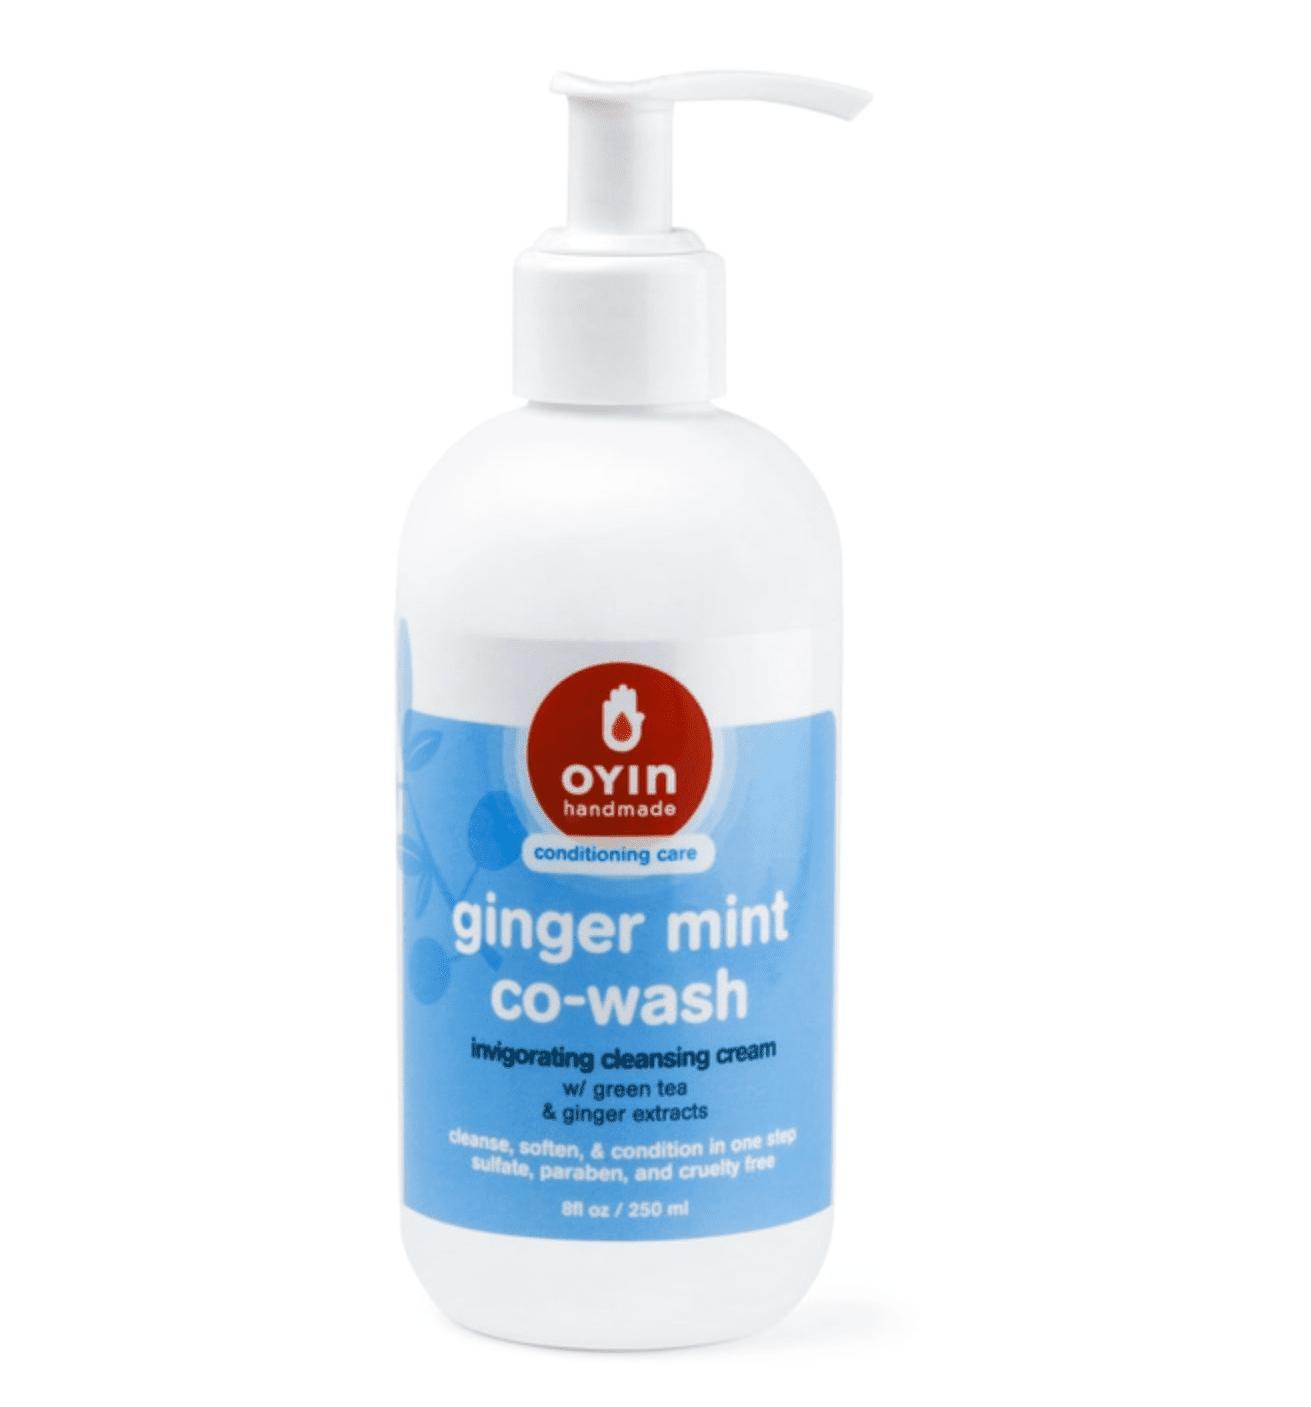 oyin ginger mint co-wash